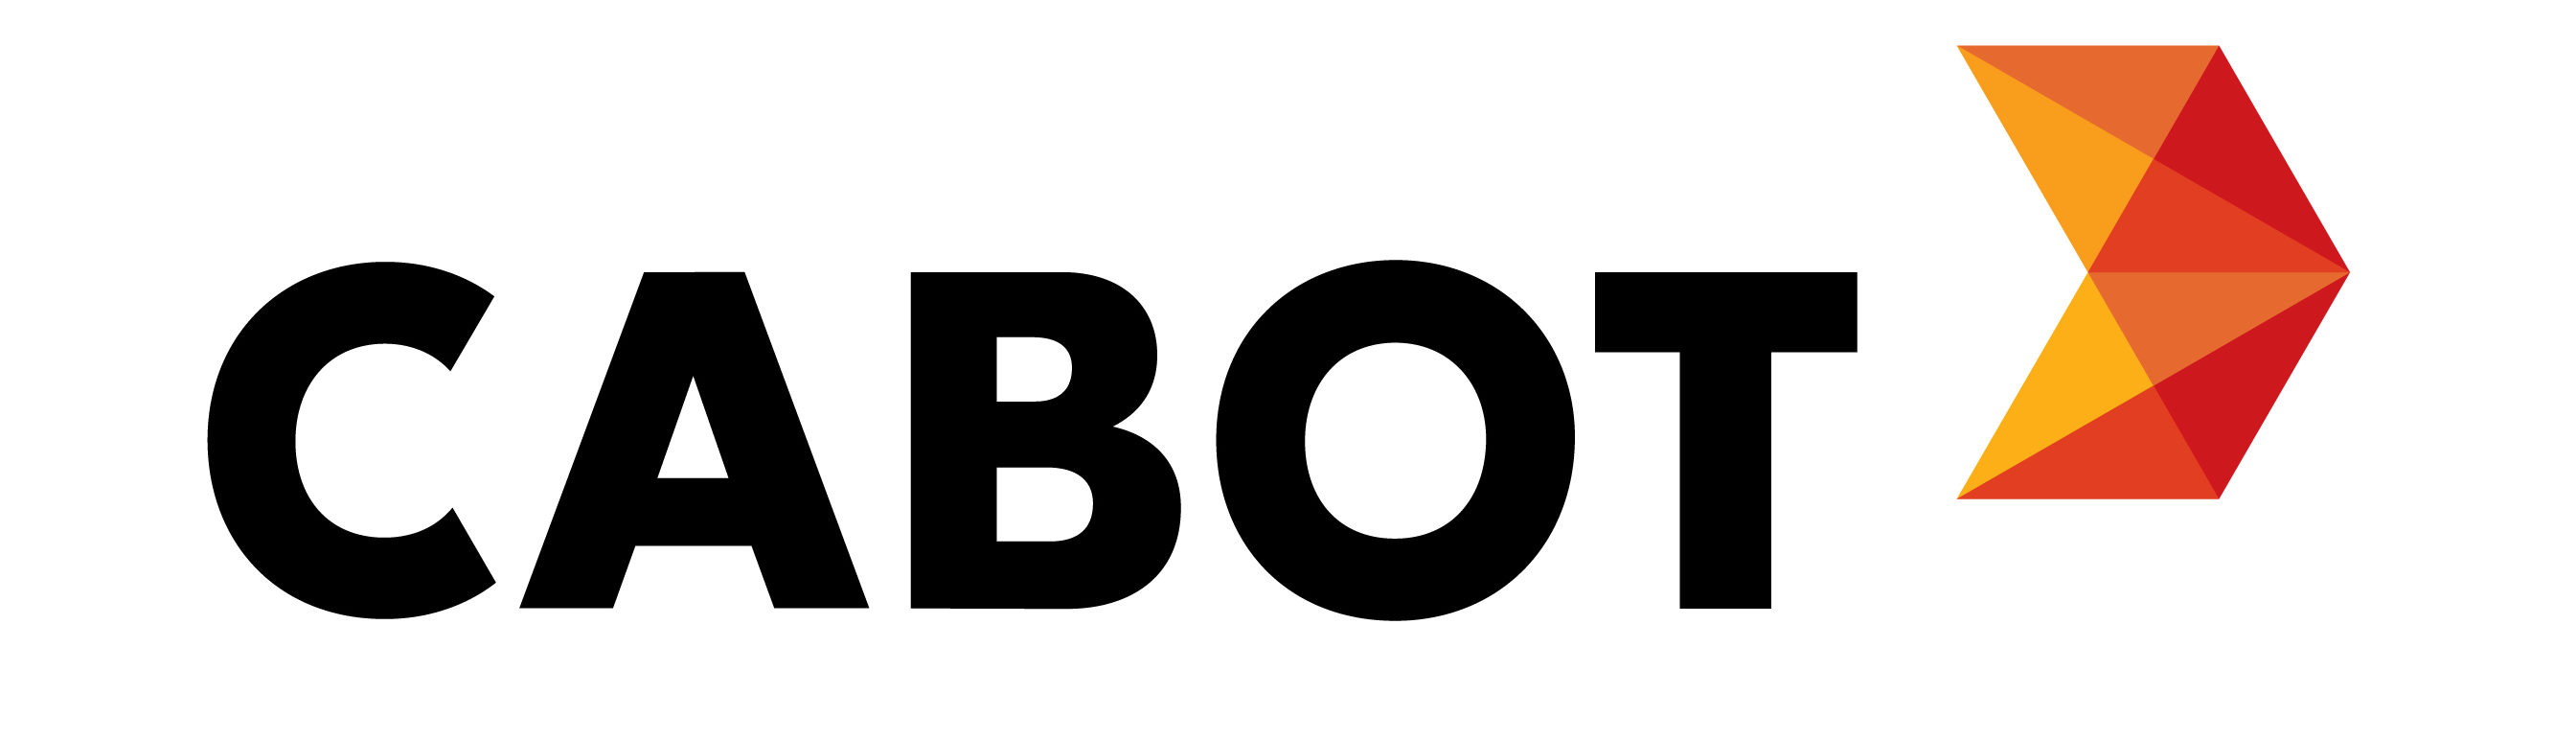 cabotcorp